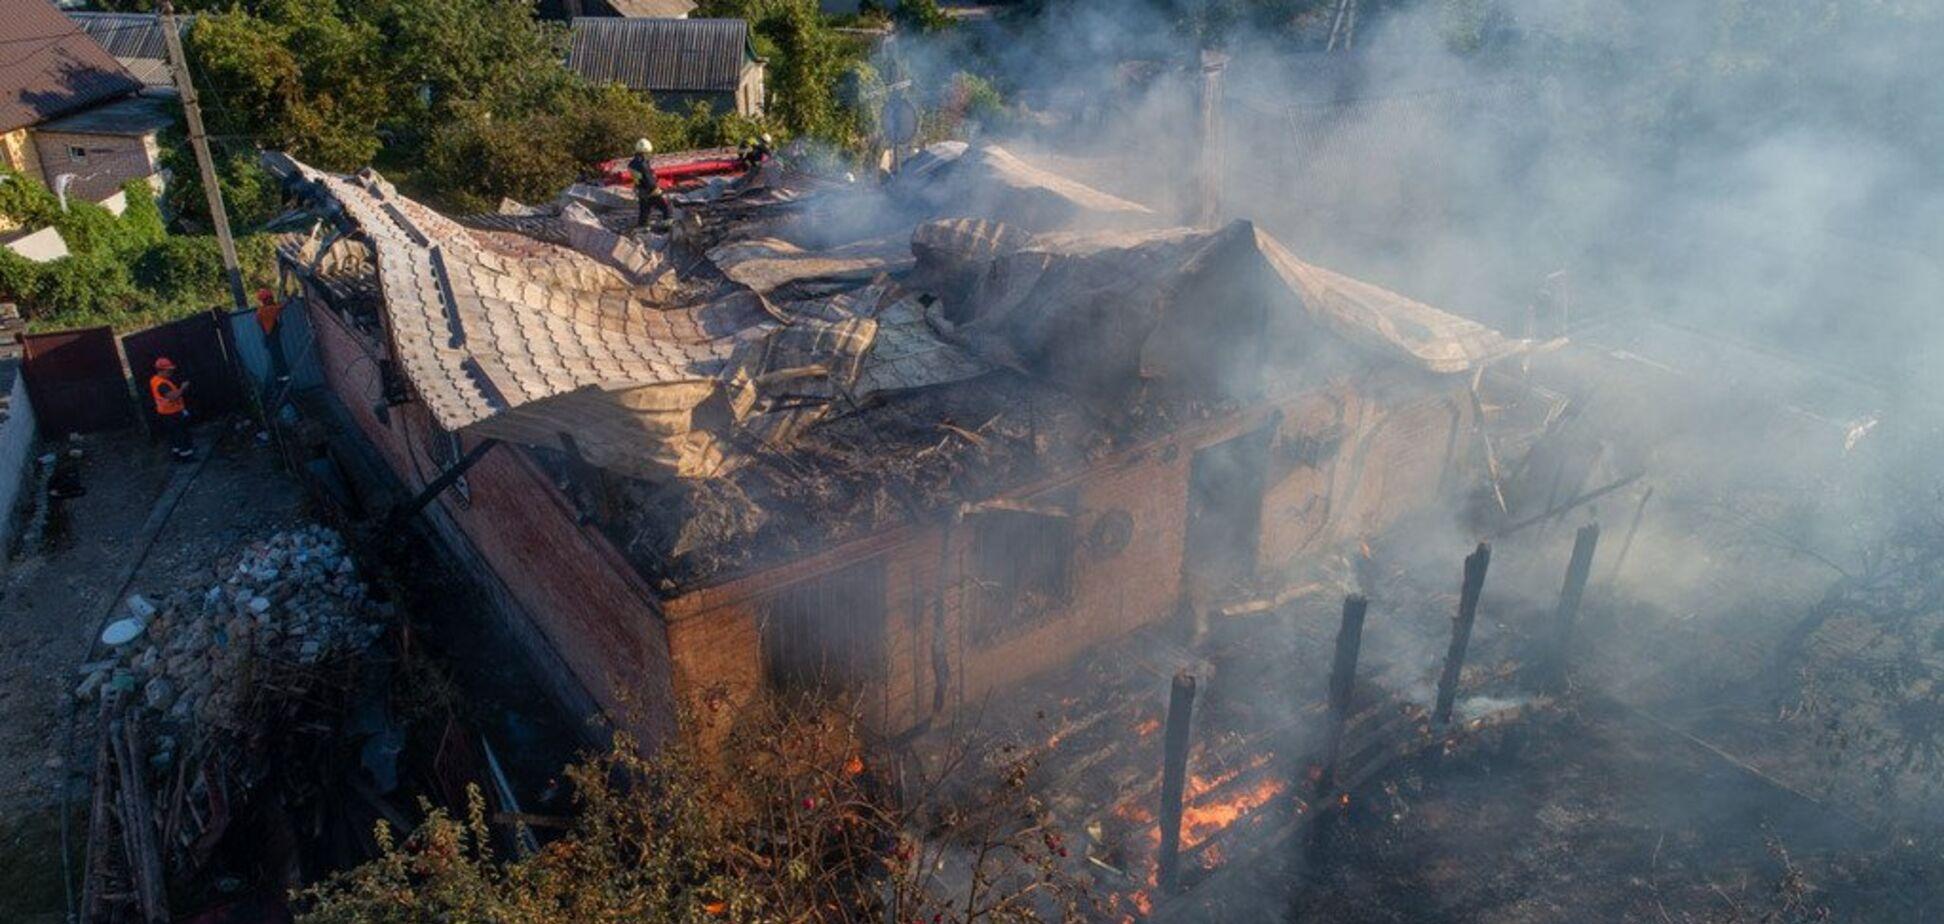 Дах 'стріляв': в Дніпрі сталася масштабна пожежа в приватному секторі